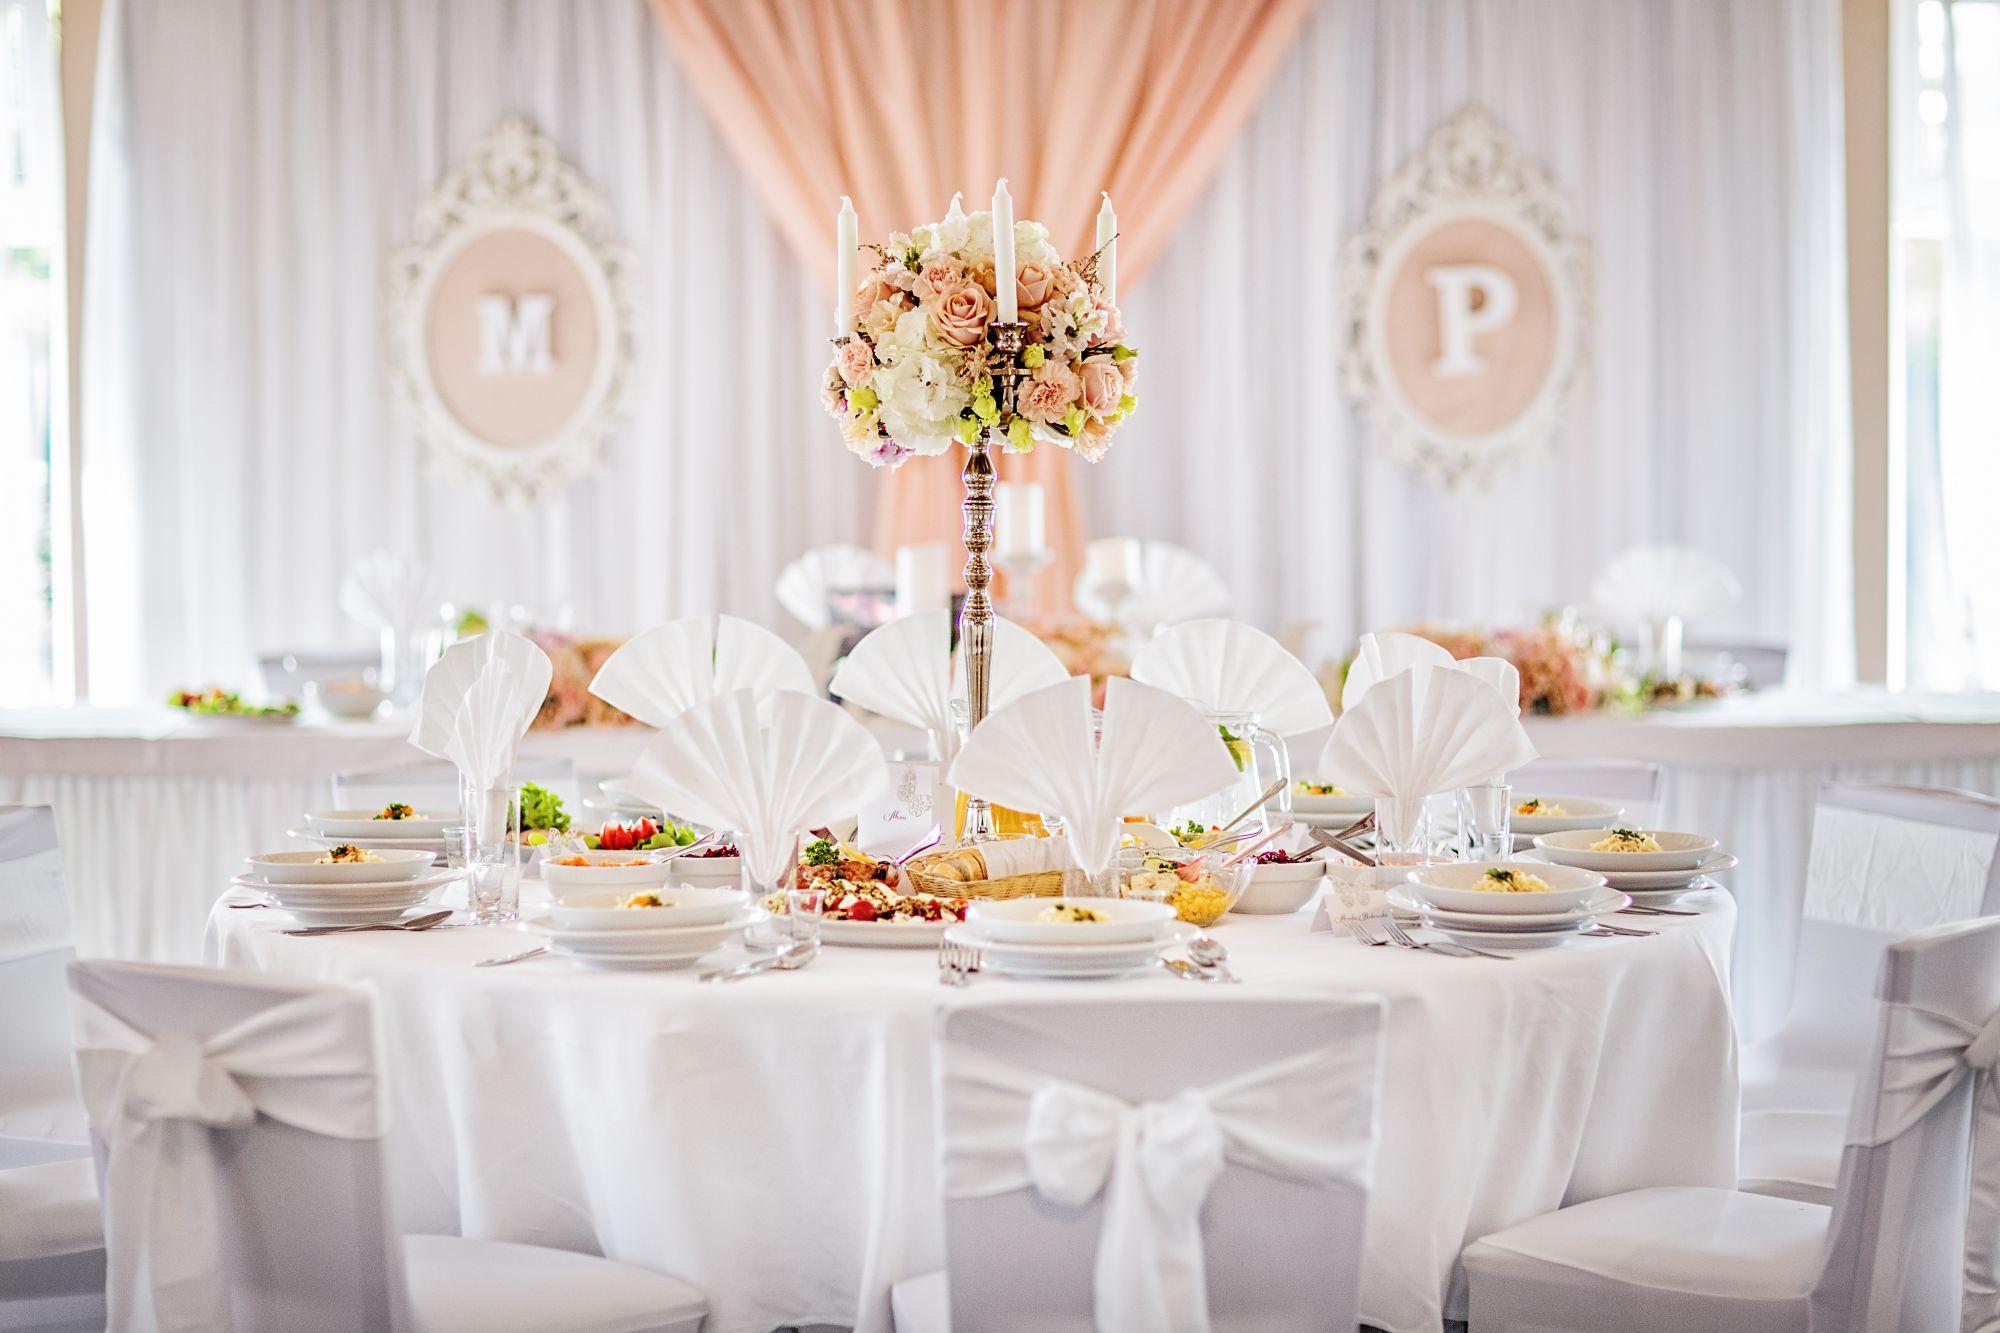 sale na imprezy weselne zniżki